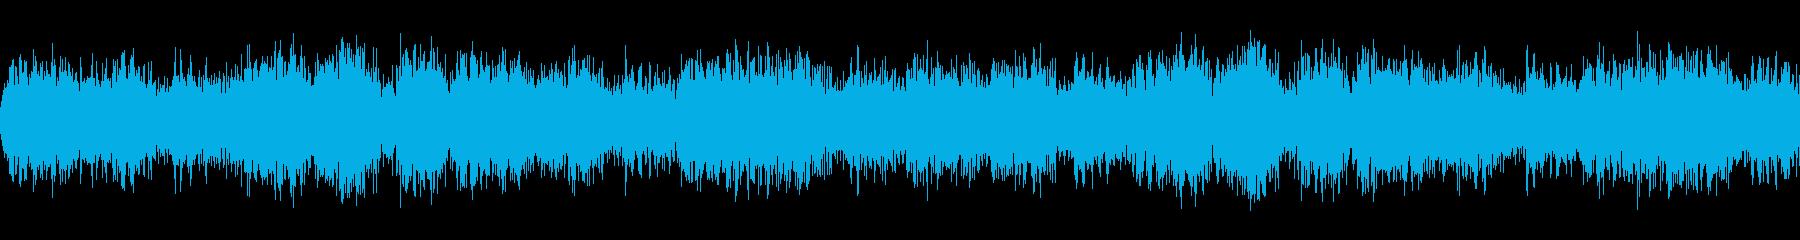 緊迫 緊急 オーケストラ2 ループの再生済みの波形